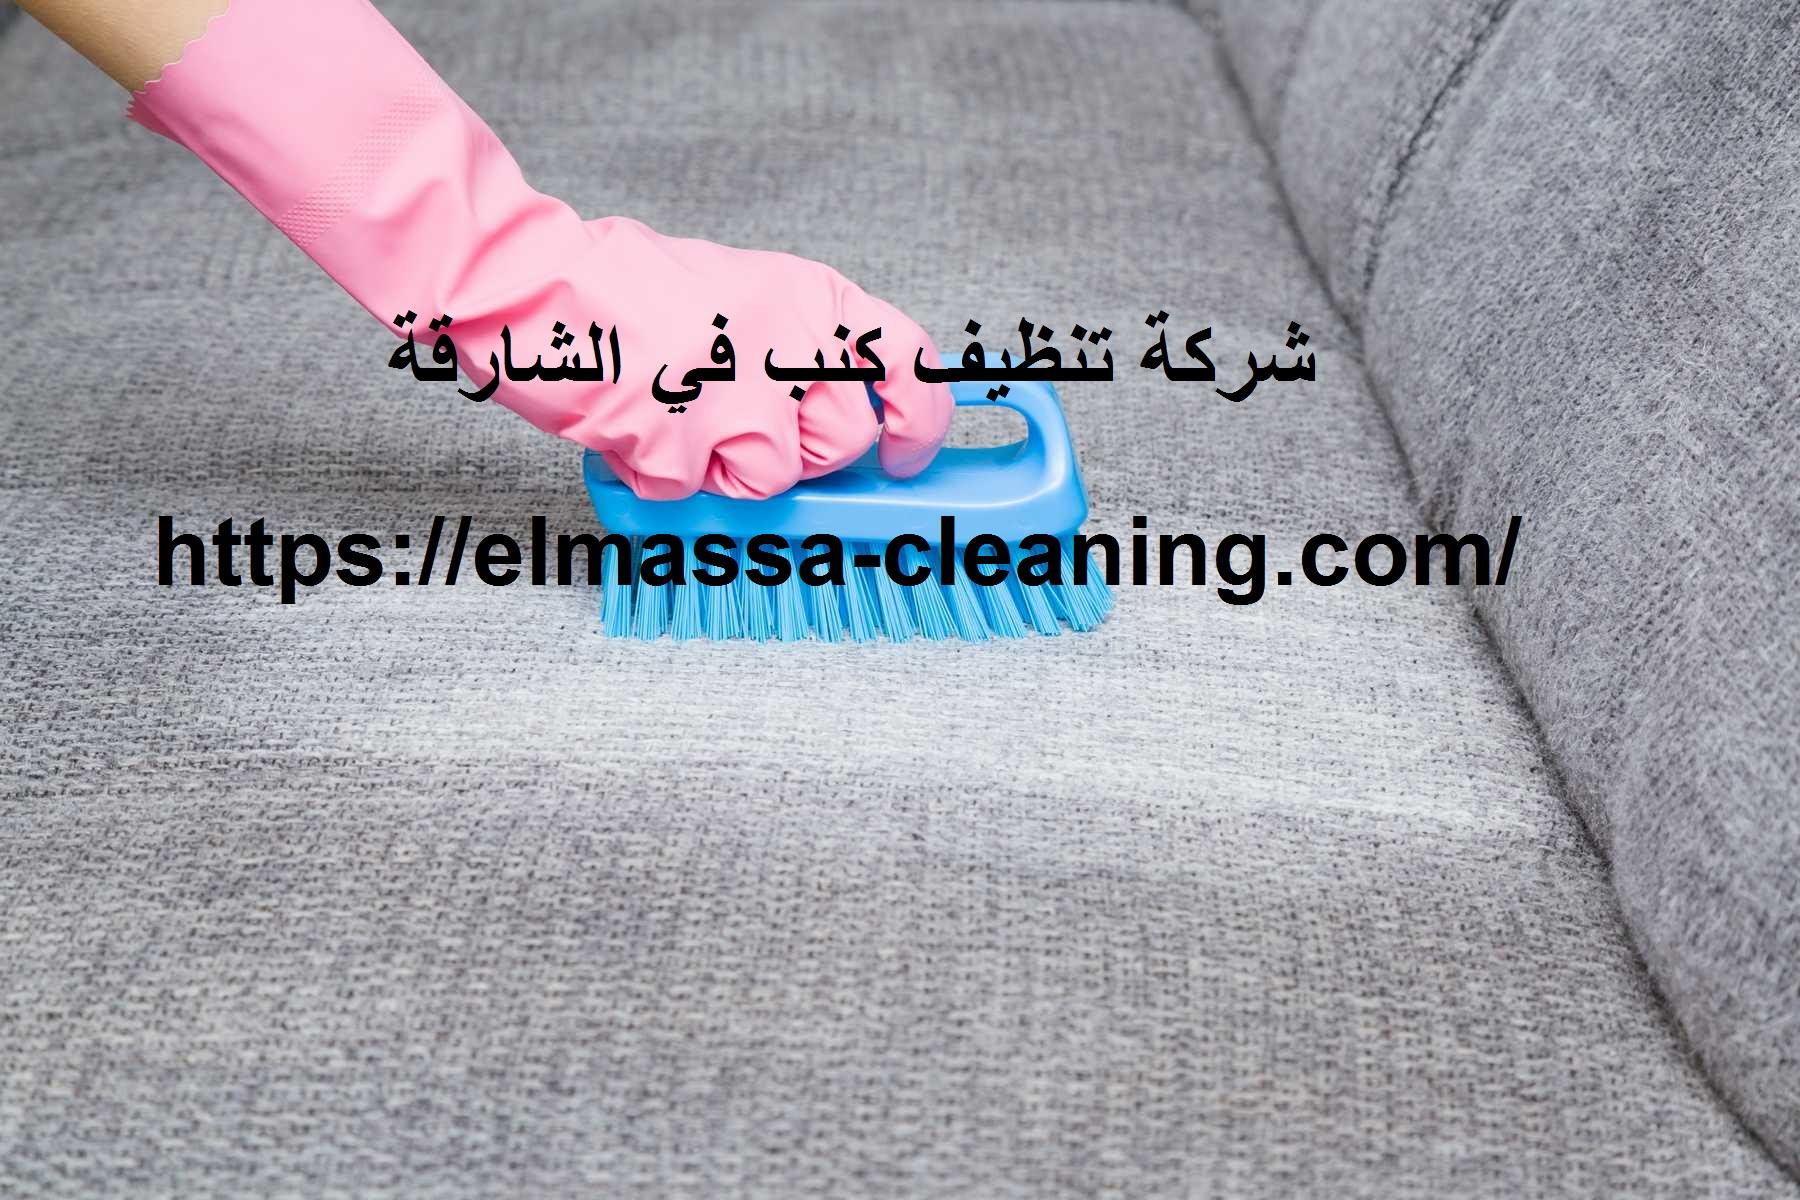 شركة-تنظيف-كنب-فى-الشارقة